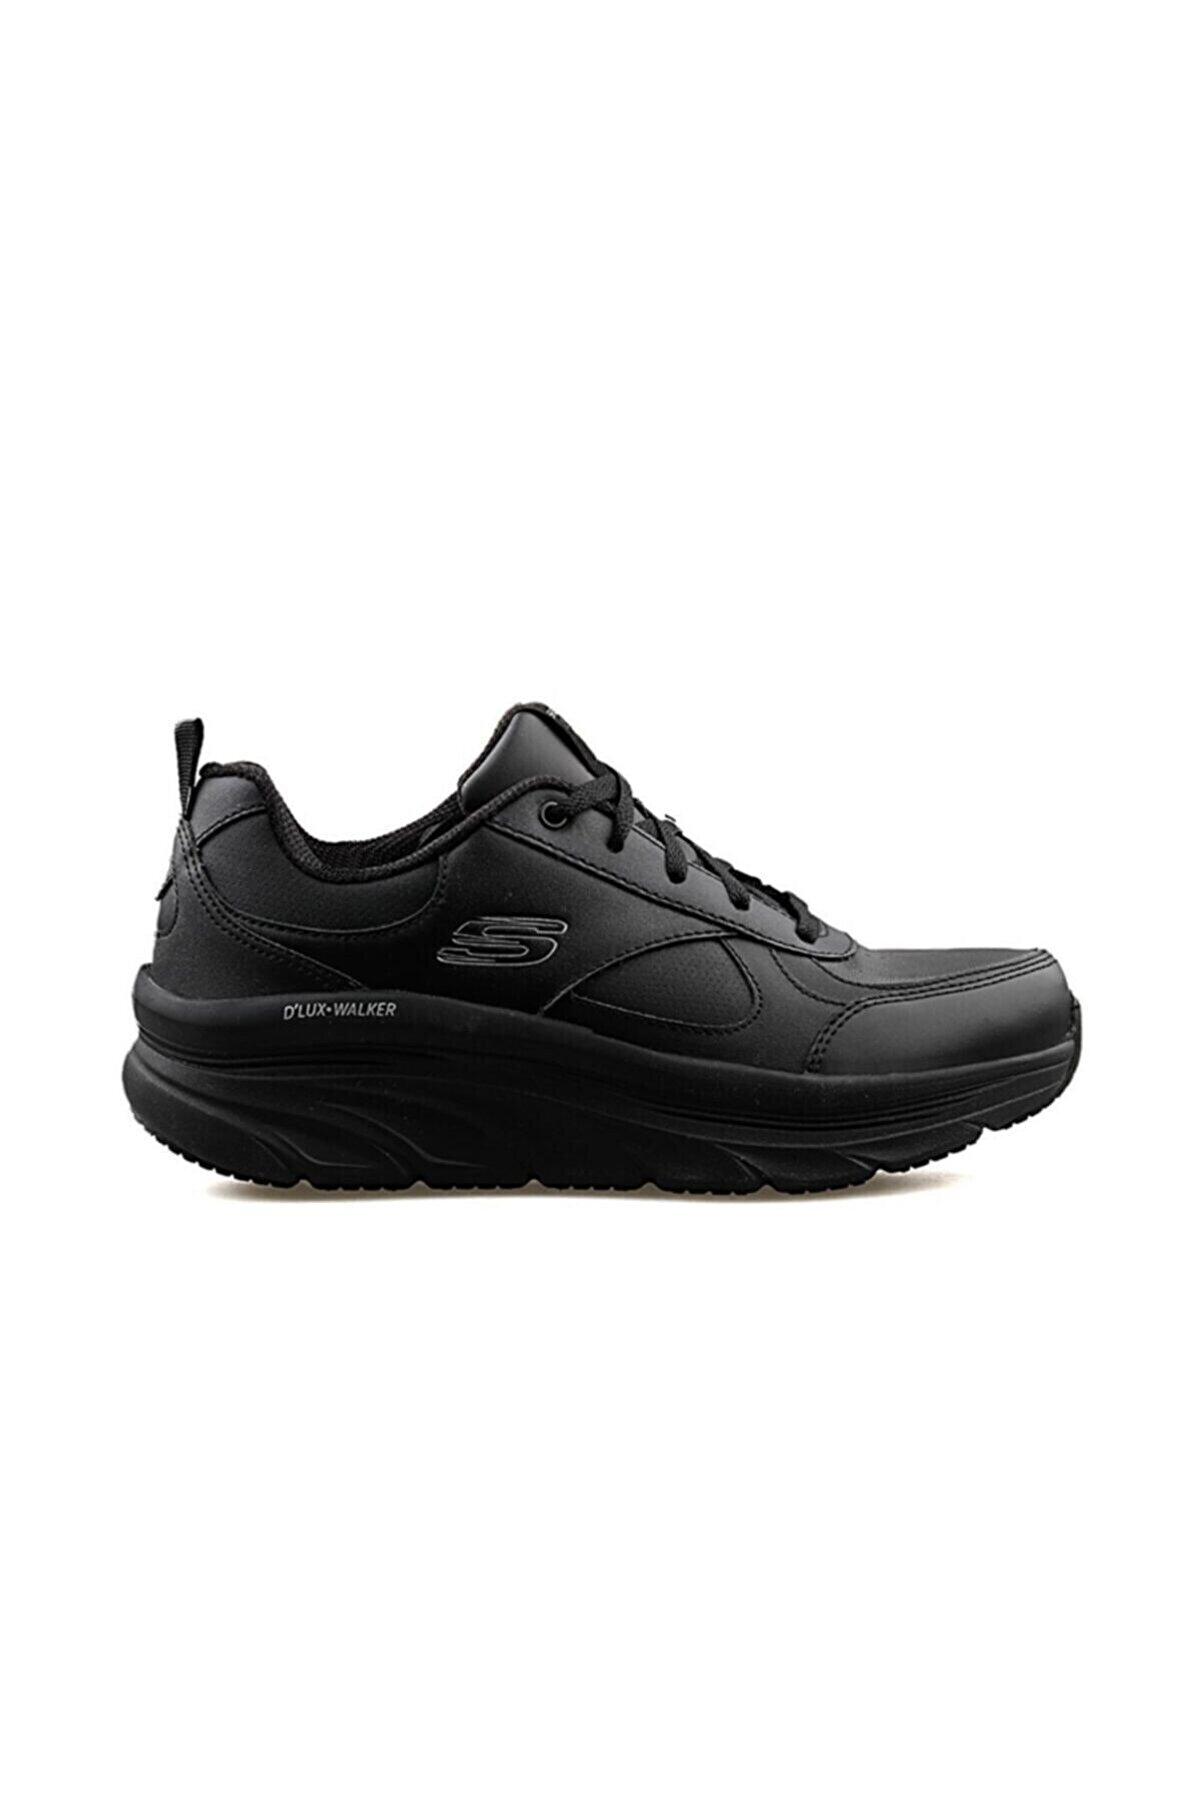 Skechers D'LUX WALKER-TIMELESS PATH Kadın Siyah Spor Ayakkabı